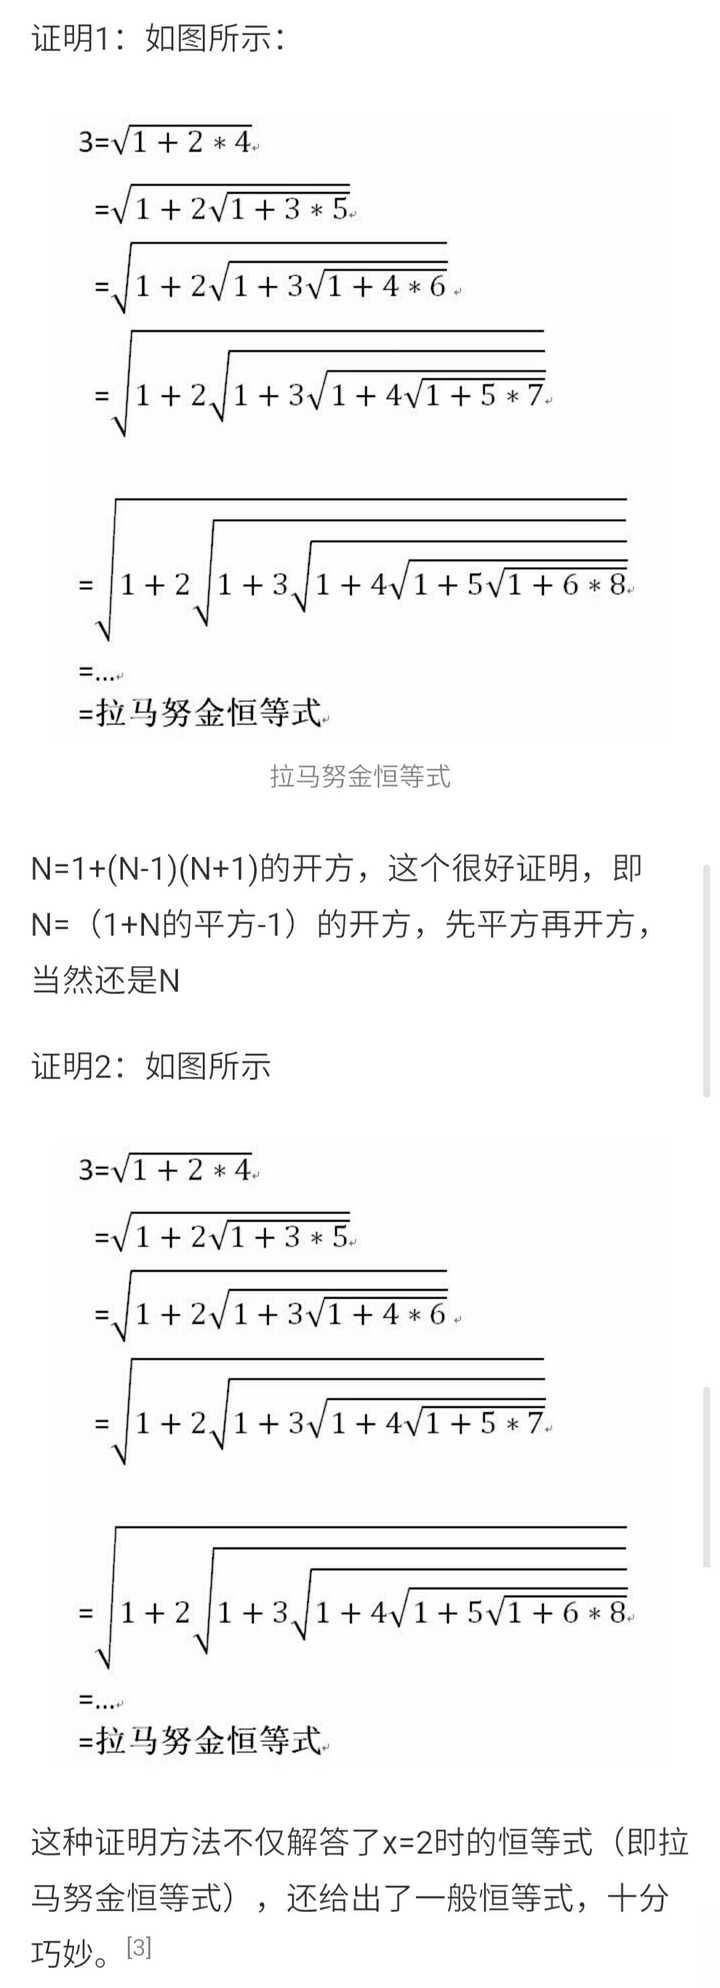 这个等式叫做拉马努金恒等式,百度一下证明一大把,这个是百度百科的